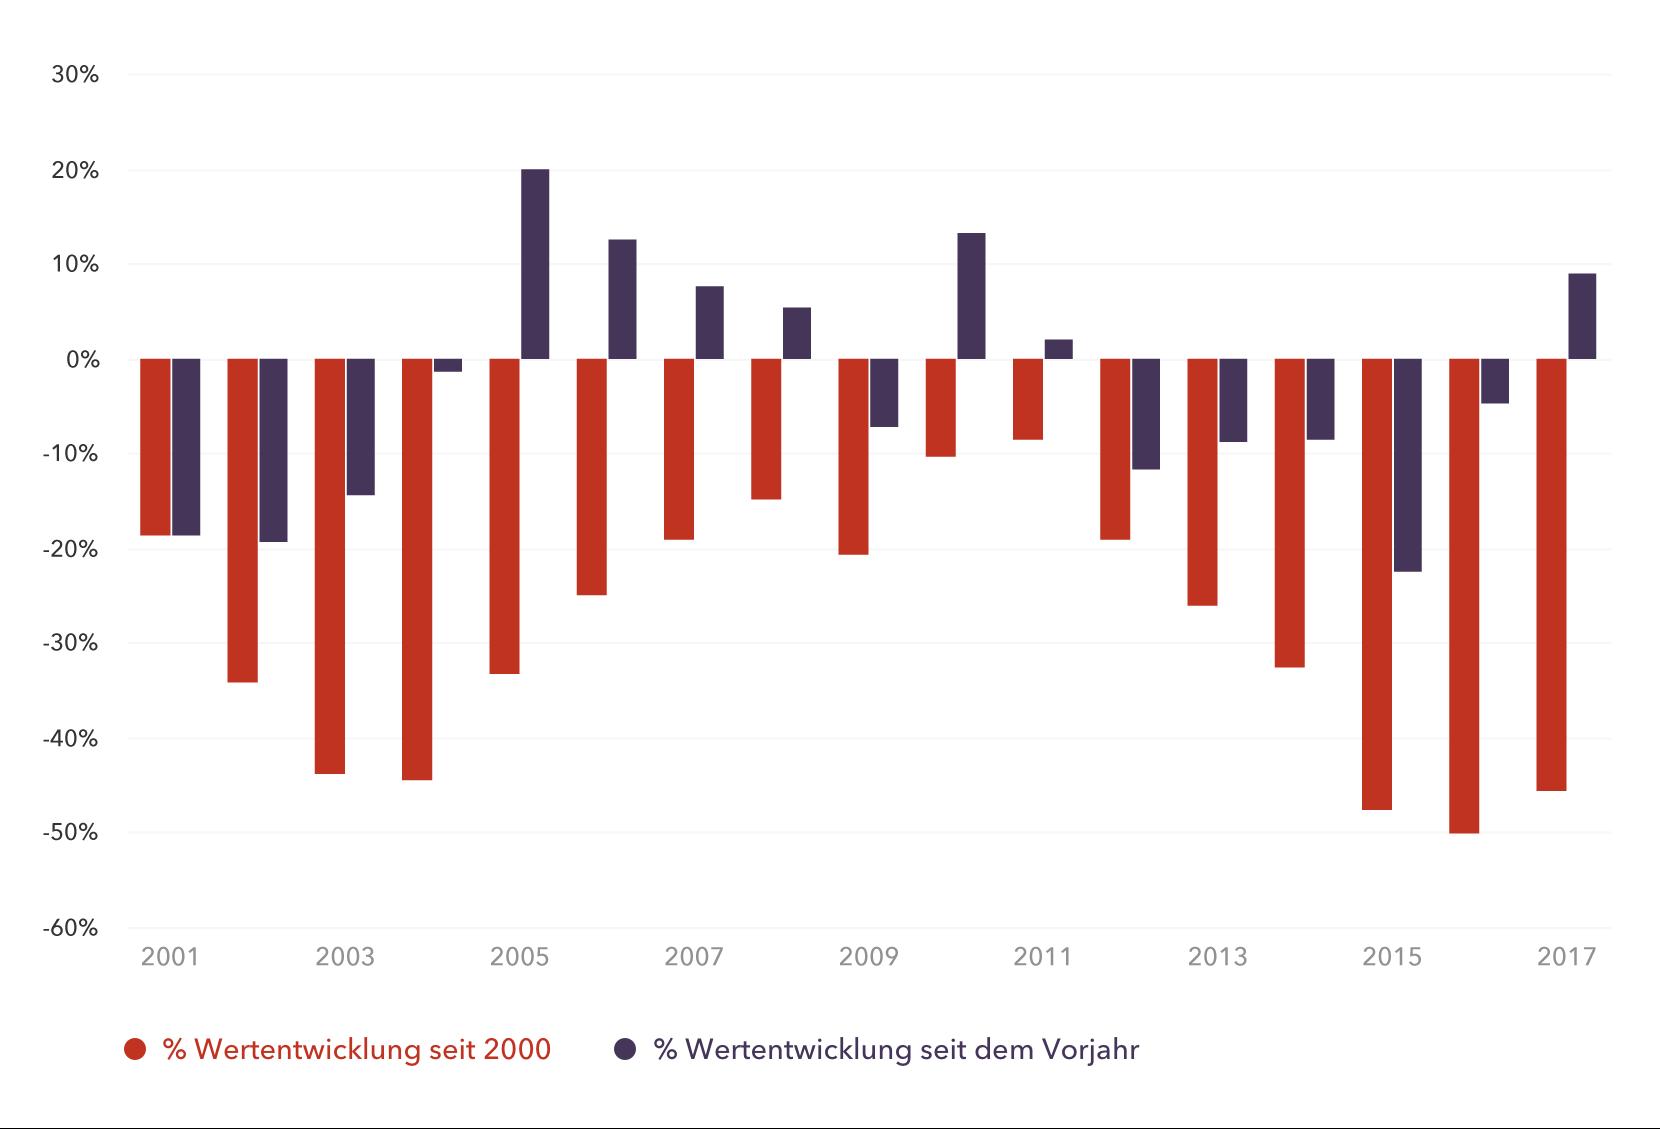 Wertentwicklung BRL seit 2000